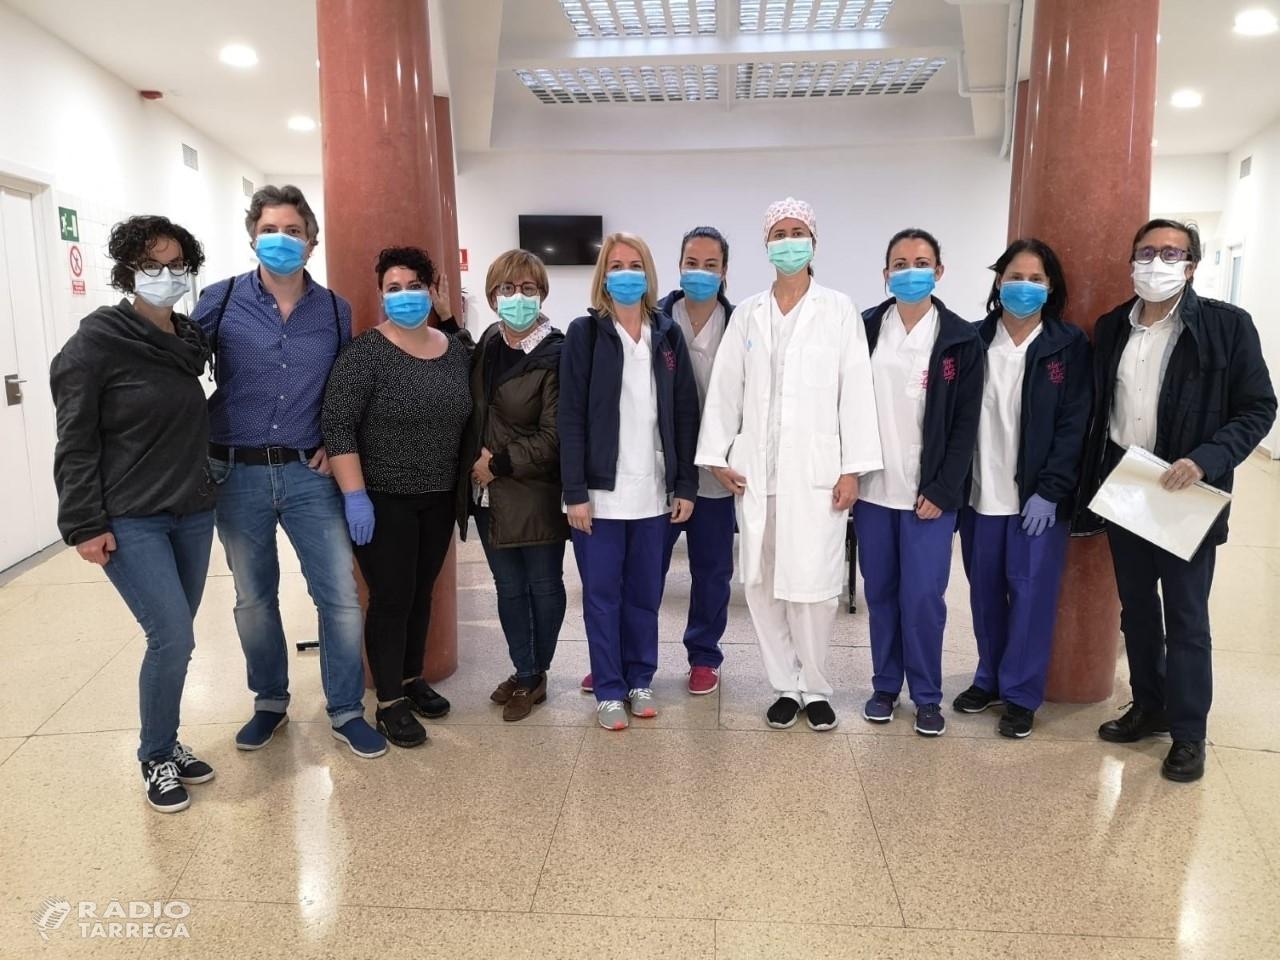 La Diputació de Lleida dona suport al programa ORFEU per fer tests PCR i serològics de la Covid-19